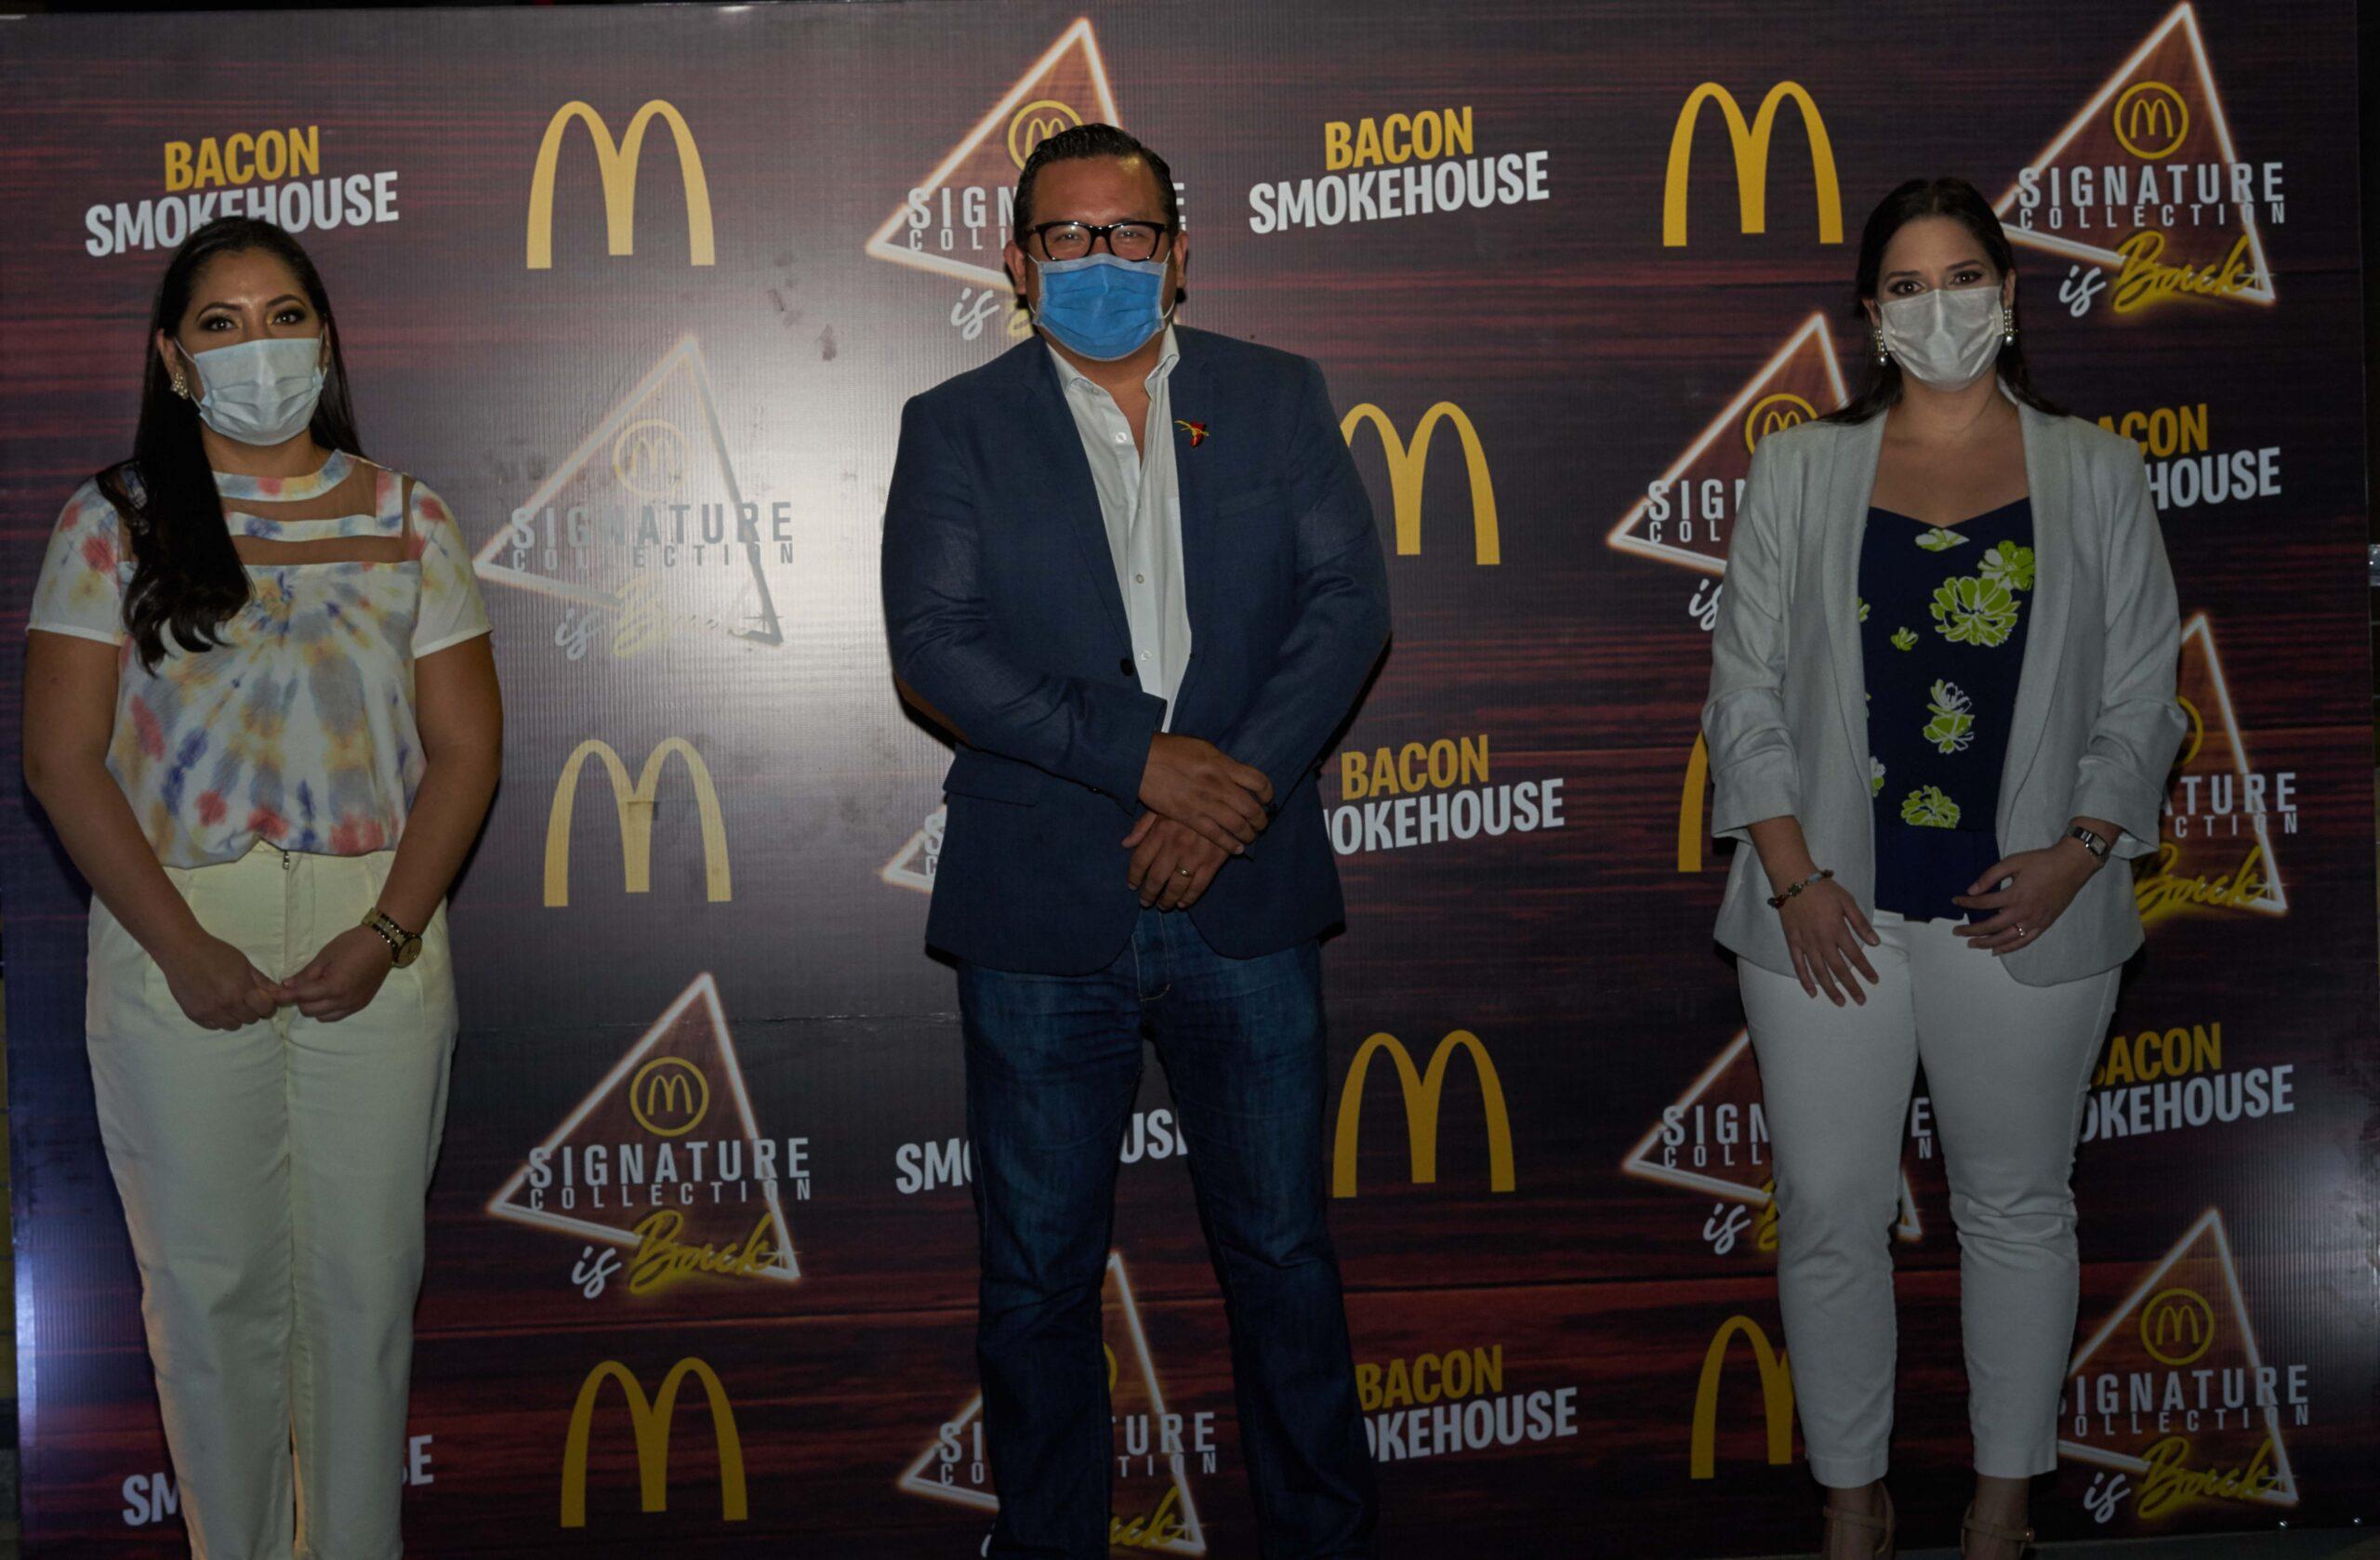 [Ecuador] Signature Bacon Smokehouse vuelve al menú de McDonald's a pedido de sus clientes